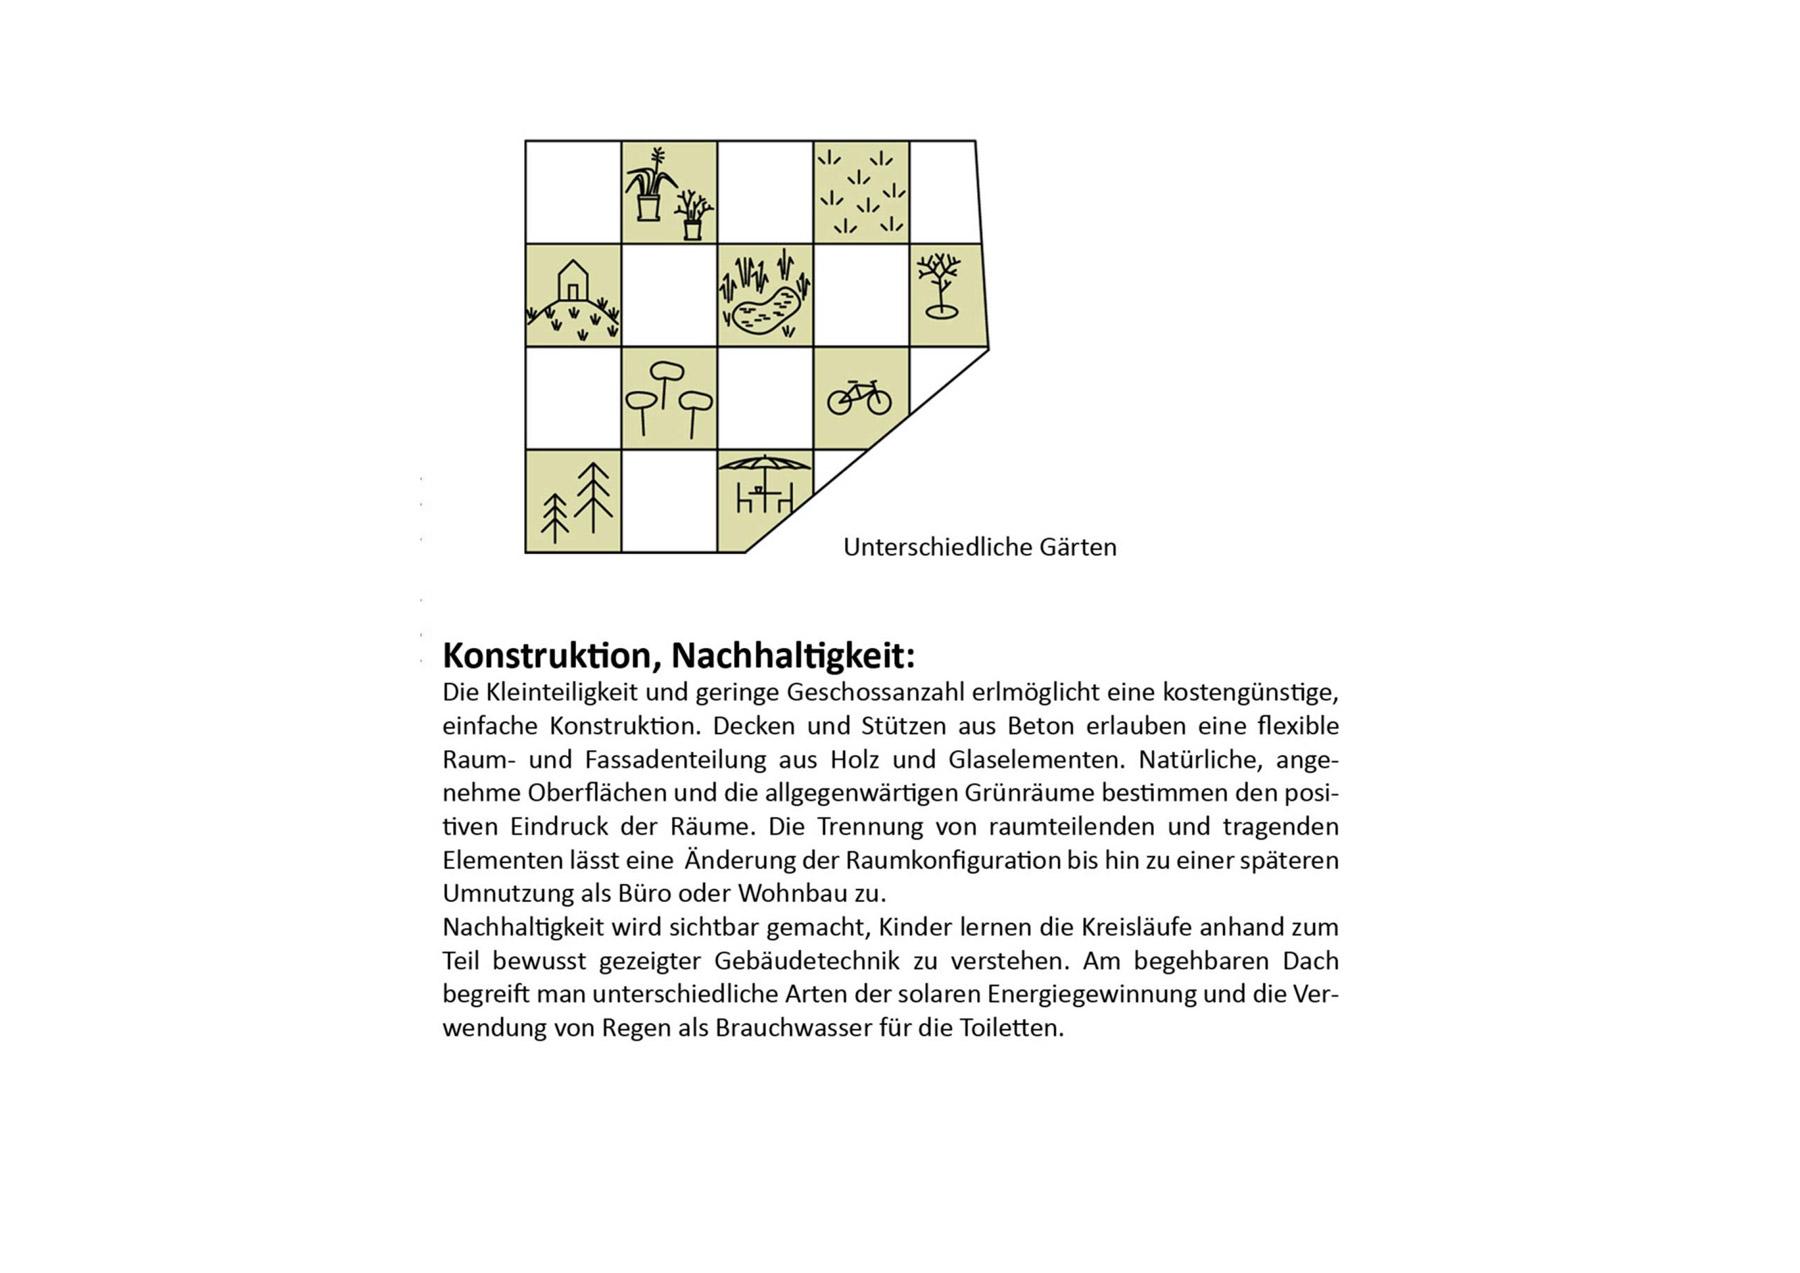 093_wb_wien_BILDUNGSKAMPUS_Slide_07